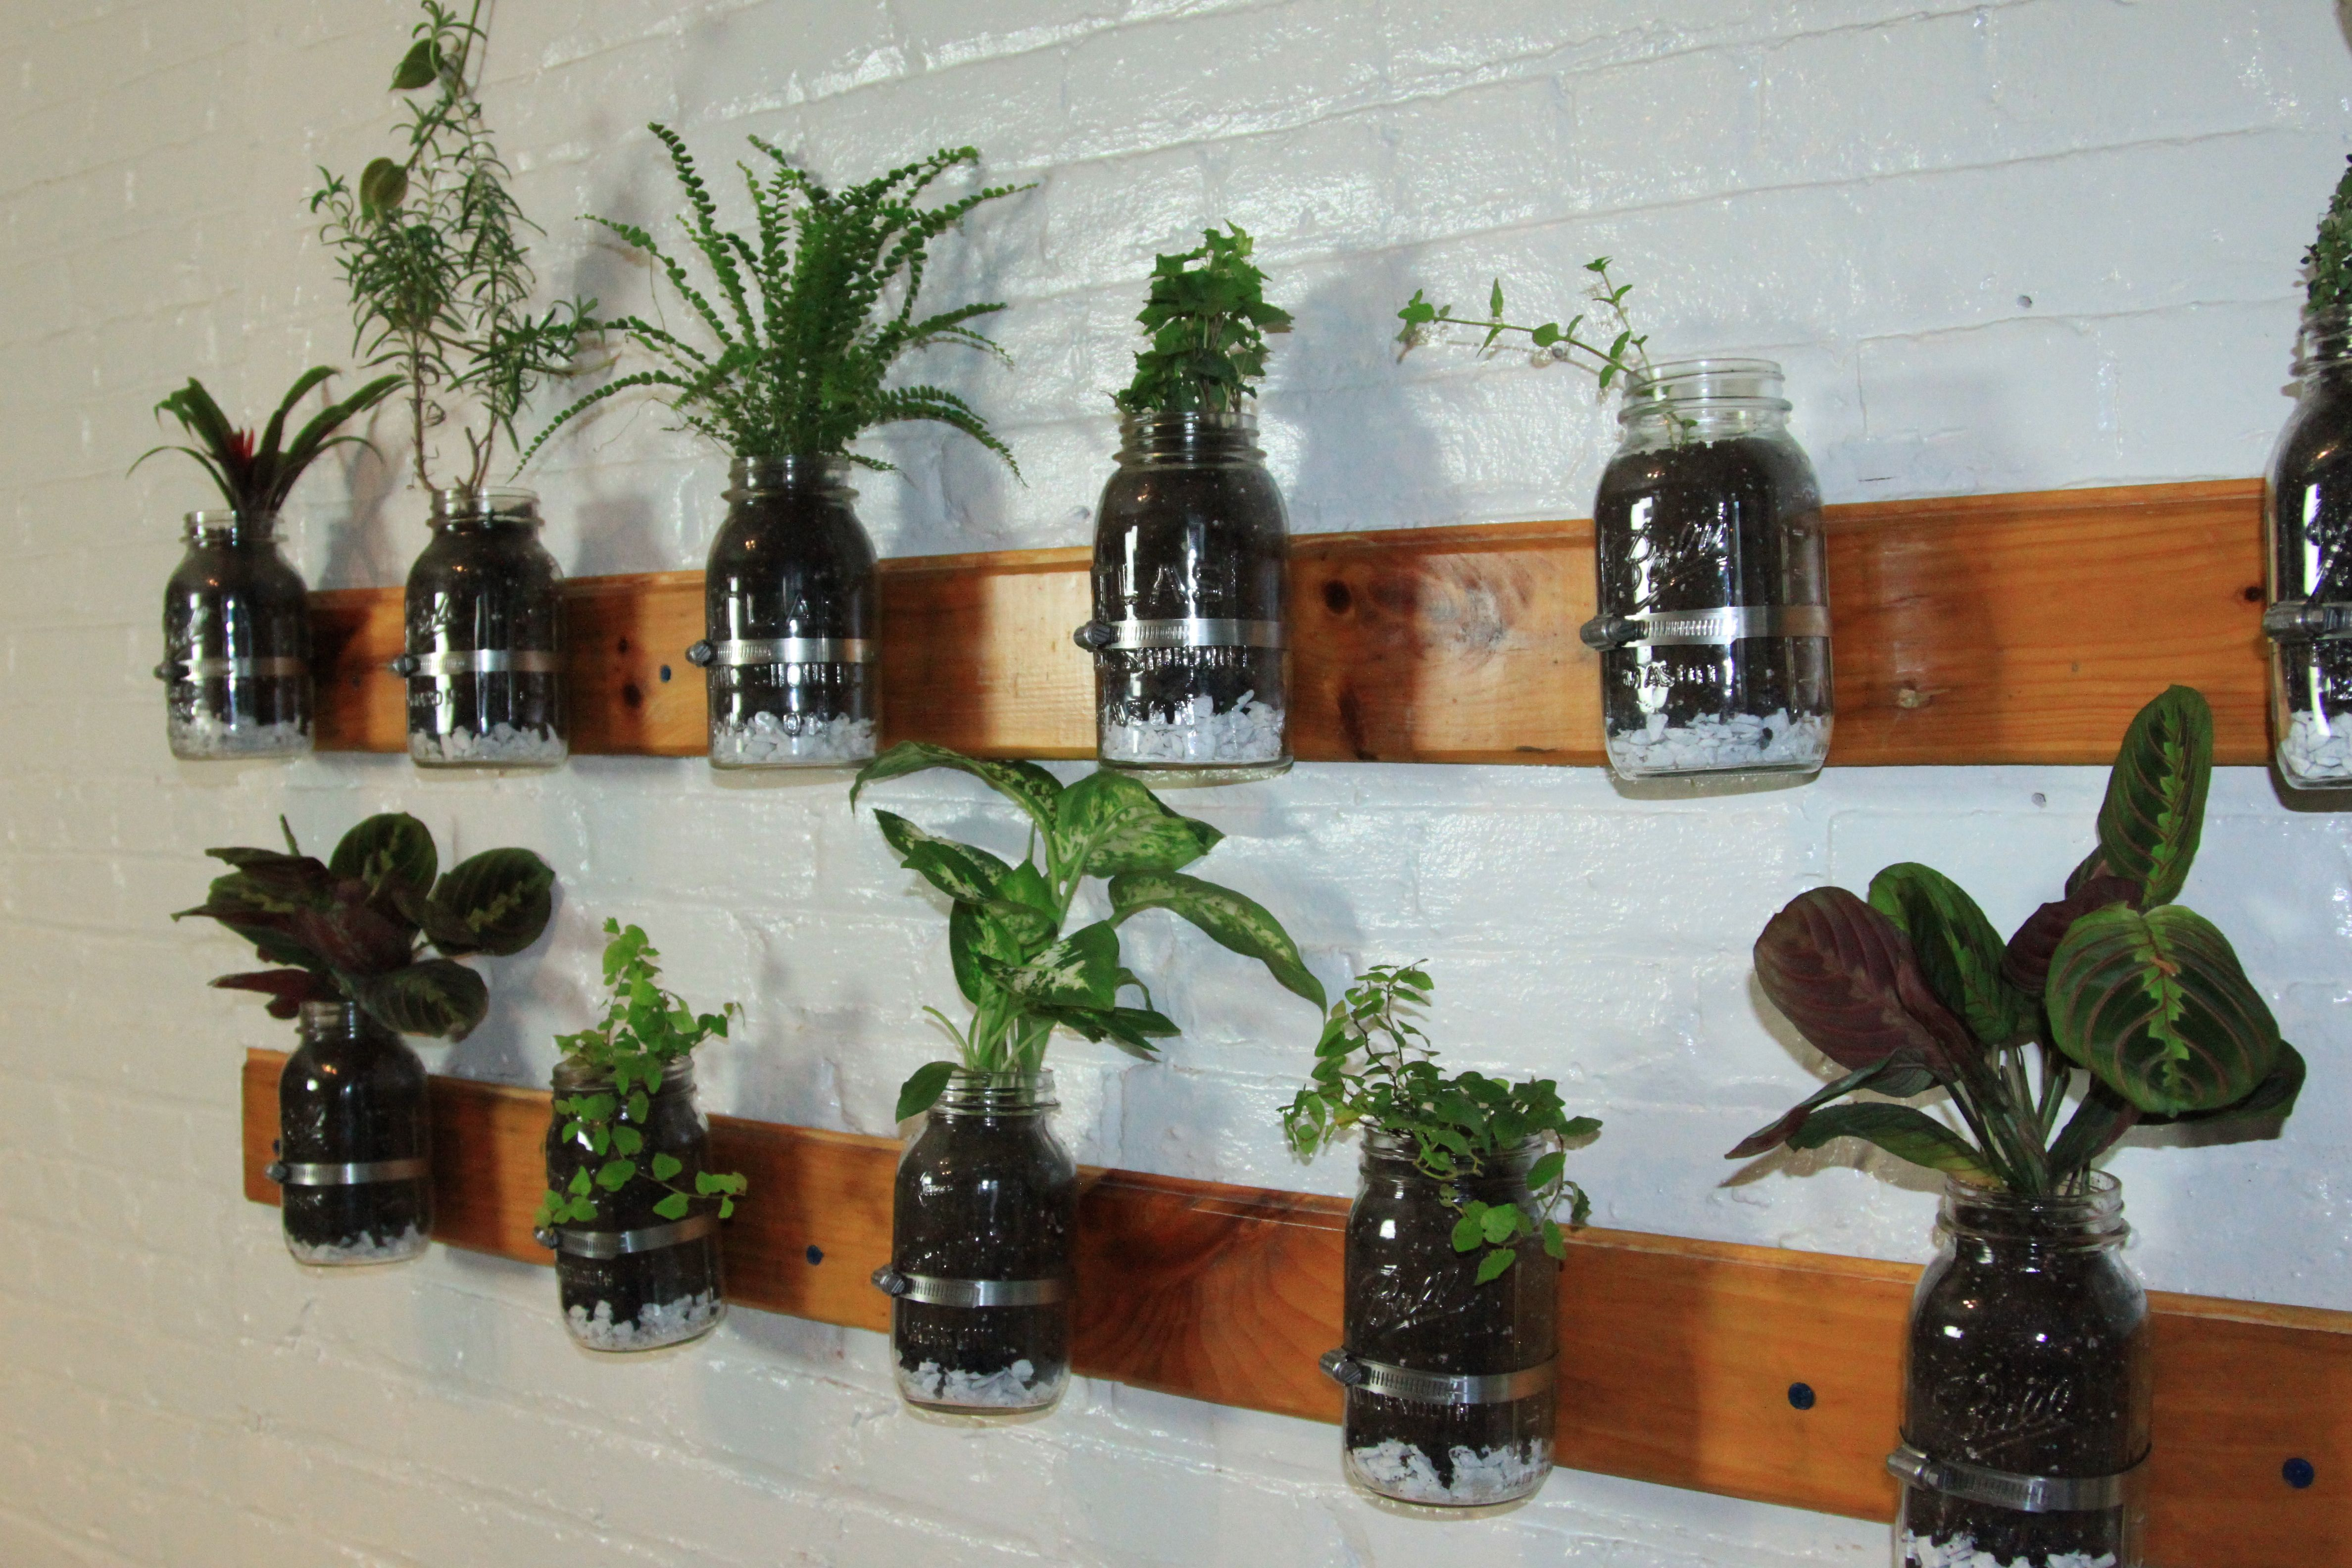 Diy Trend Kruidentuin : Een leuke trend de indoor kruidentuin het ziet er gezellig uit